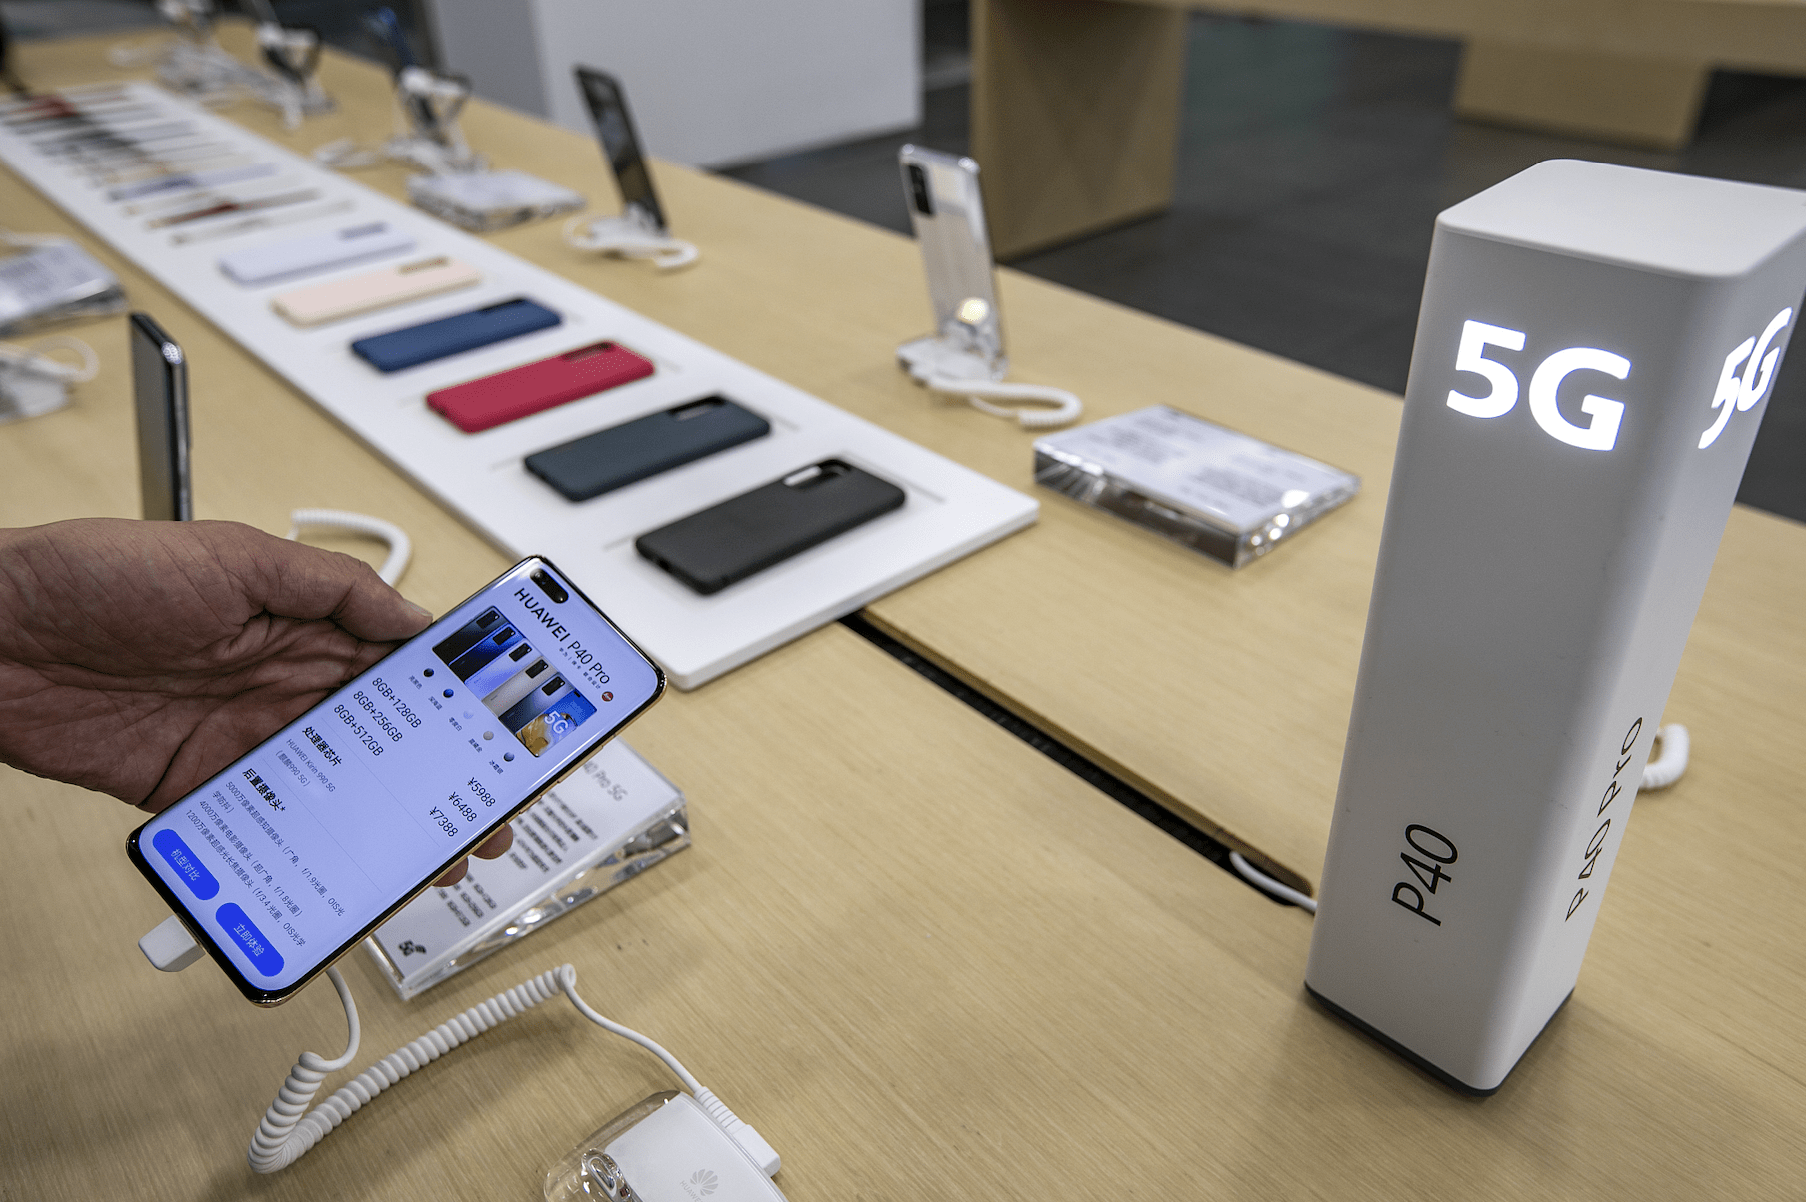 华为部分手机取消充电器,是因为环保还是芯片短缺?